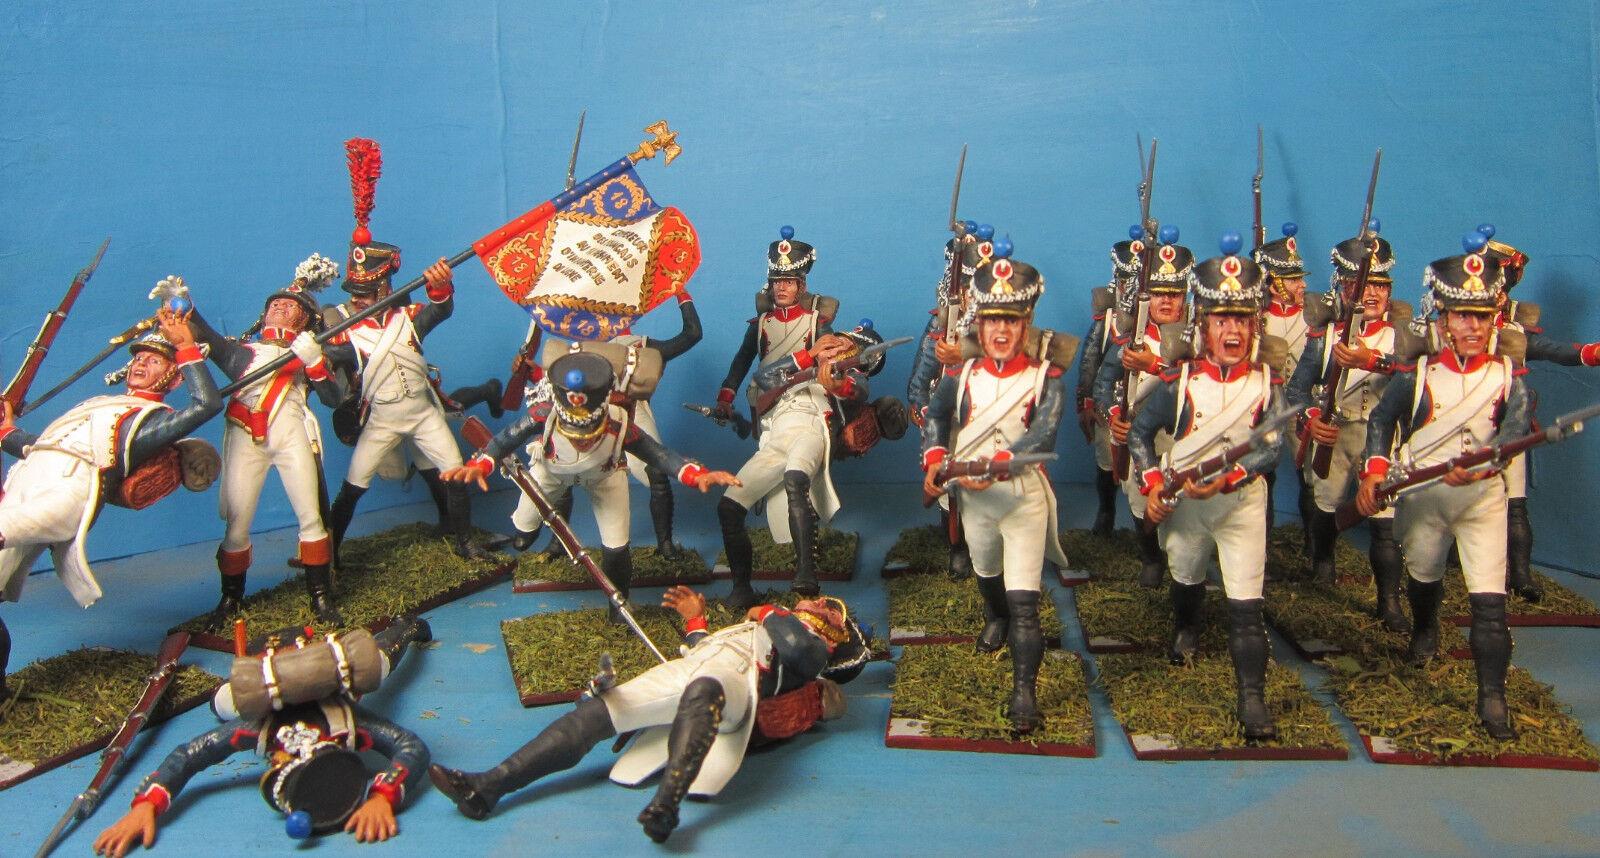 Napoleonkrigen {65533;gry 6553333; Franska infanteriet från 18 e linjen {SHIELD 5533;65533; 60mm Hög metallfigur